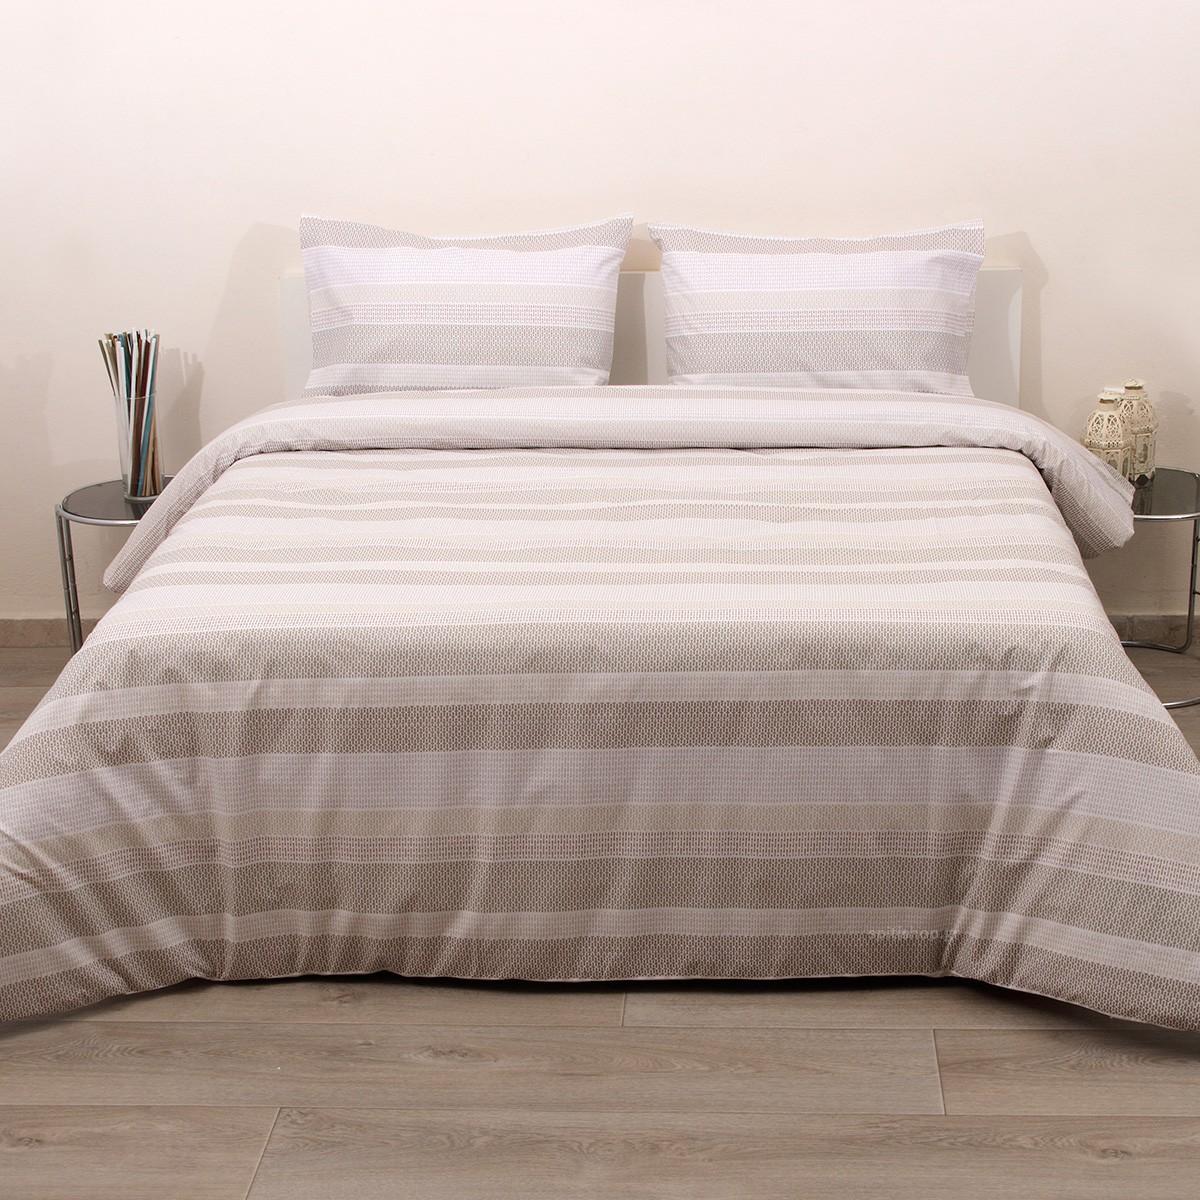 Κουβερλί Ημίδιπλο (Σετ) Viopros Fresh Λέονορ Λινό home   κρεβατοκάμαρα   κουβερλί   κουβερλί ημίδιπλα   διπλά